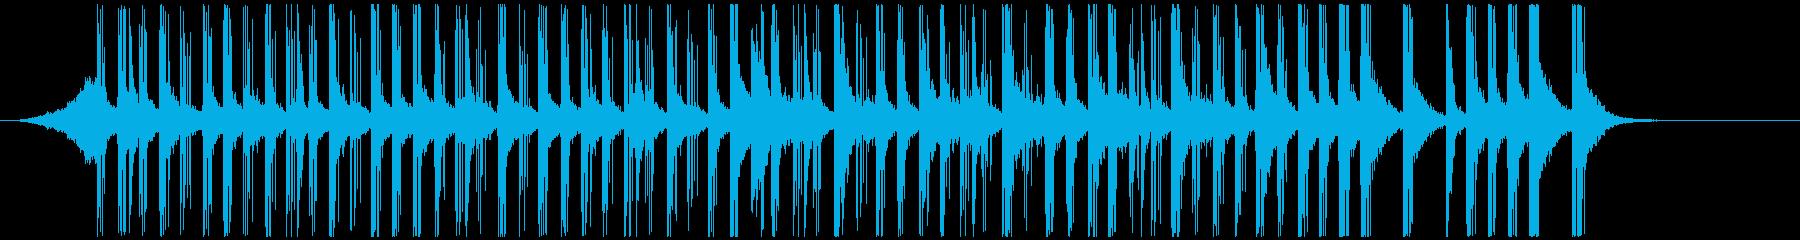 ドラムと手拍子ジングル明るい疾走感(短)の再生済みの波形